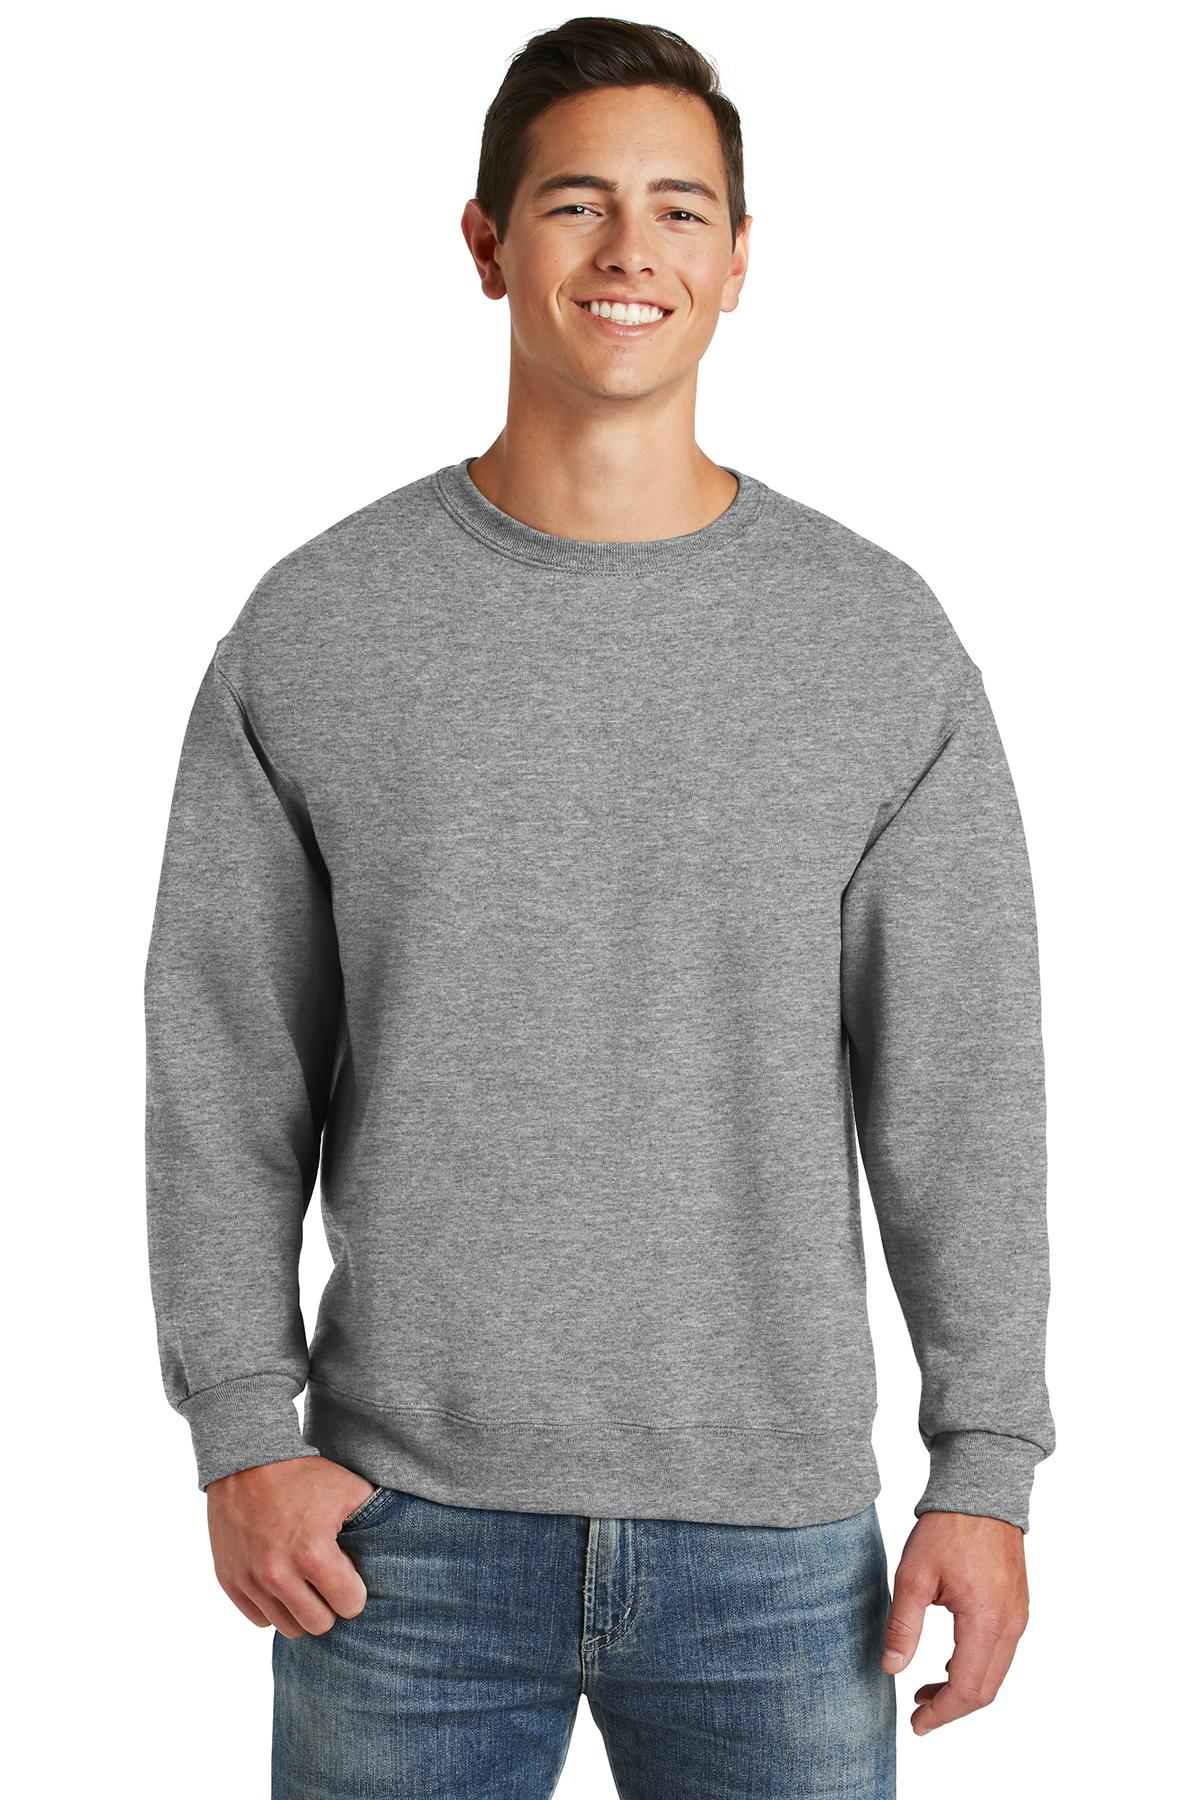 9bbec55eedde2e JERZEES® SUPER SWEATS® NuBlend® - Crewneck Sweatshirt ...